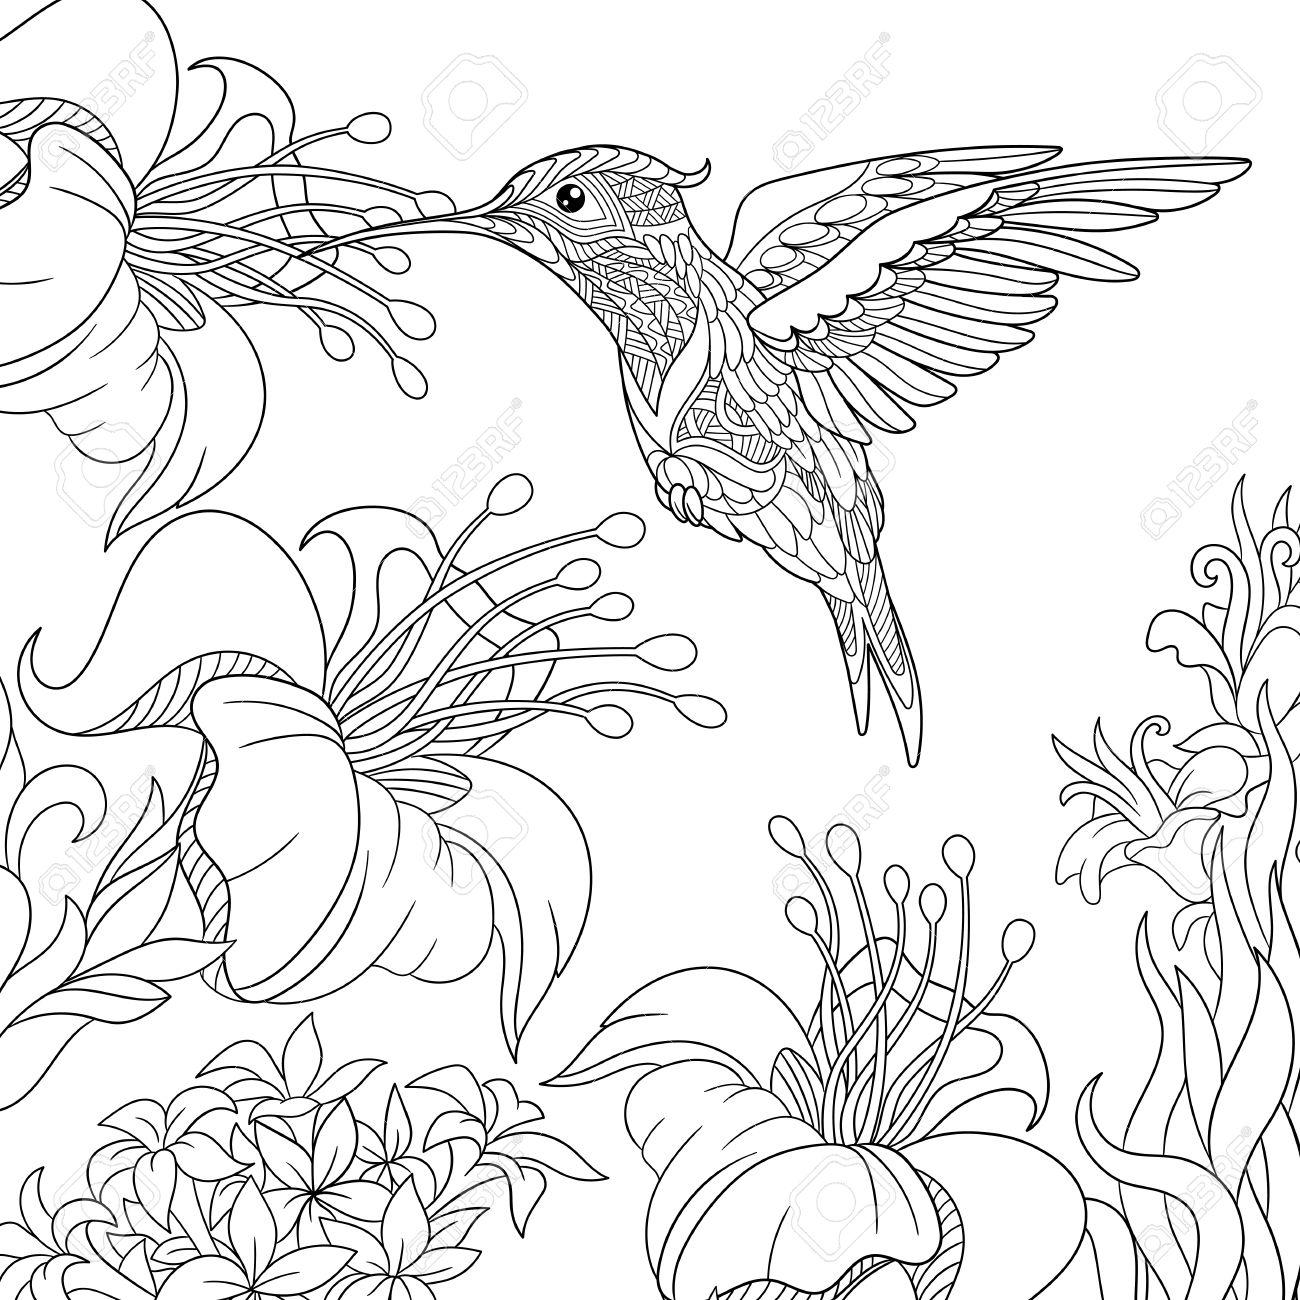 Página Para Colorear De Flores De Colibrí Y Hibisco Dibujo A Mano Alzada Para El Libro De Colorear Antiestrés Para Adultos Con Elementos De Doodle Y